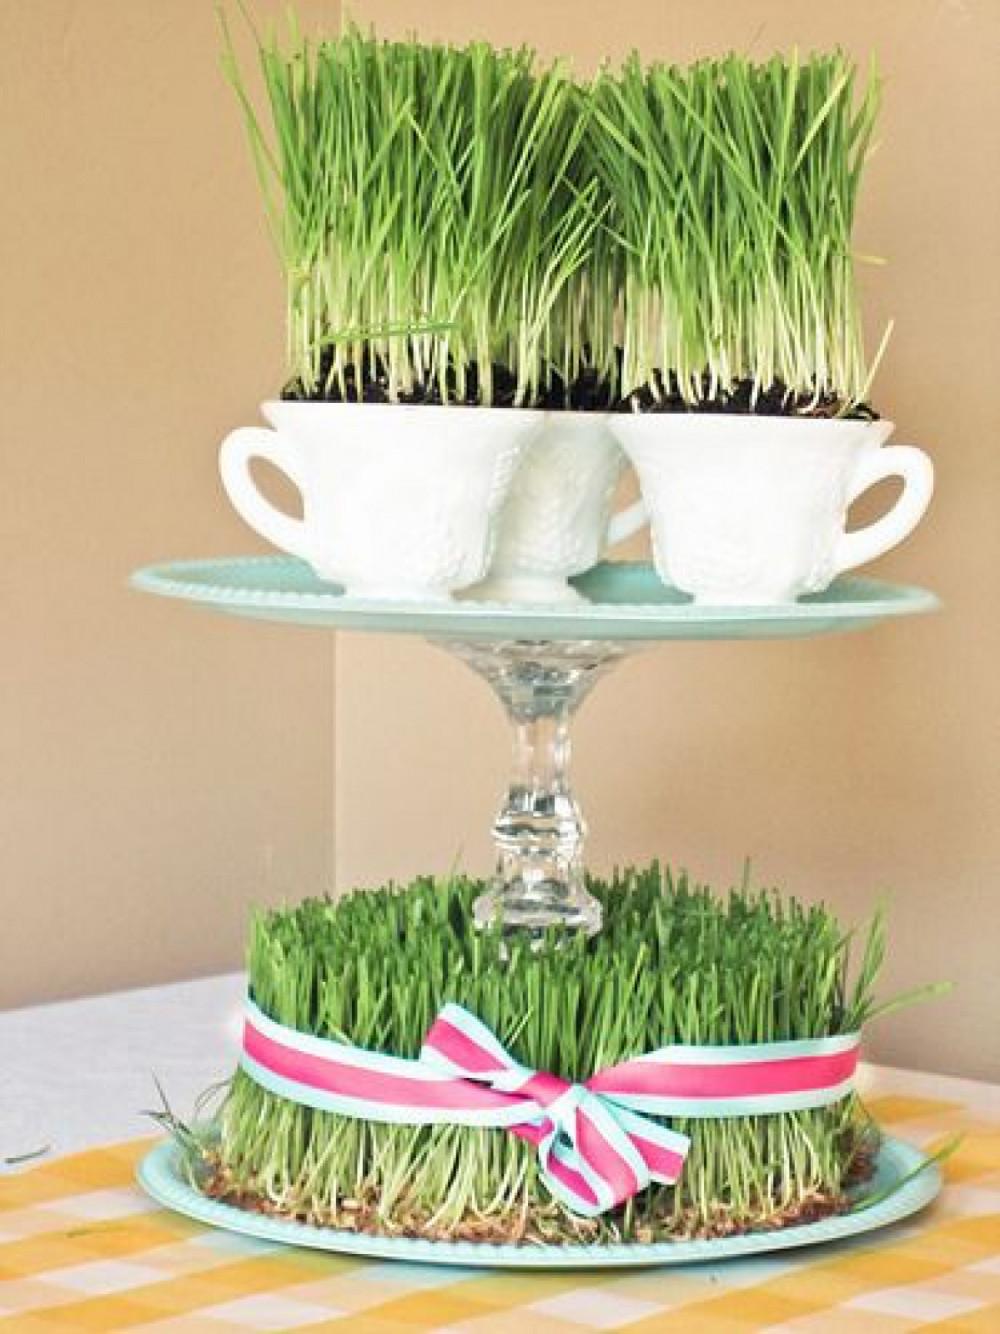 Hình 4.  Chiếc bánh gato cỏ lúa mì kết hợp với đĩa tầng đựng tách trà là một ý tưởng sáng tạo trang trí phòng khách thu hút.